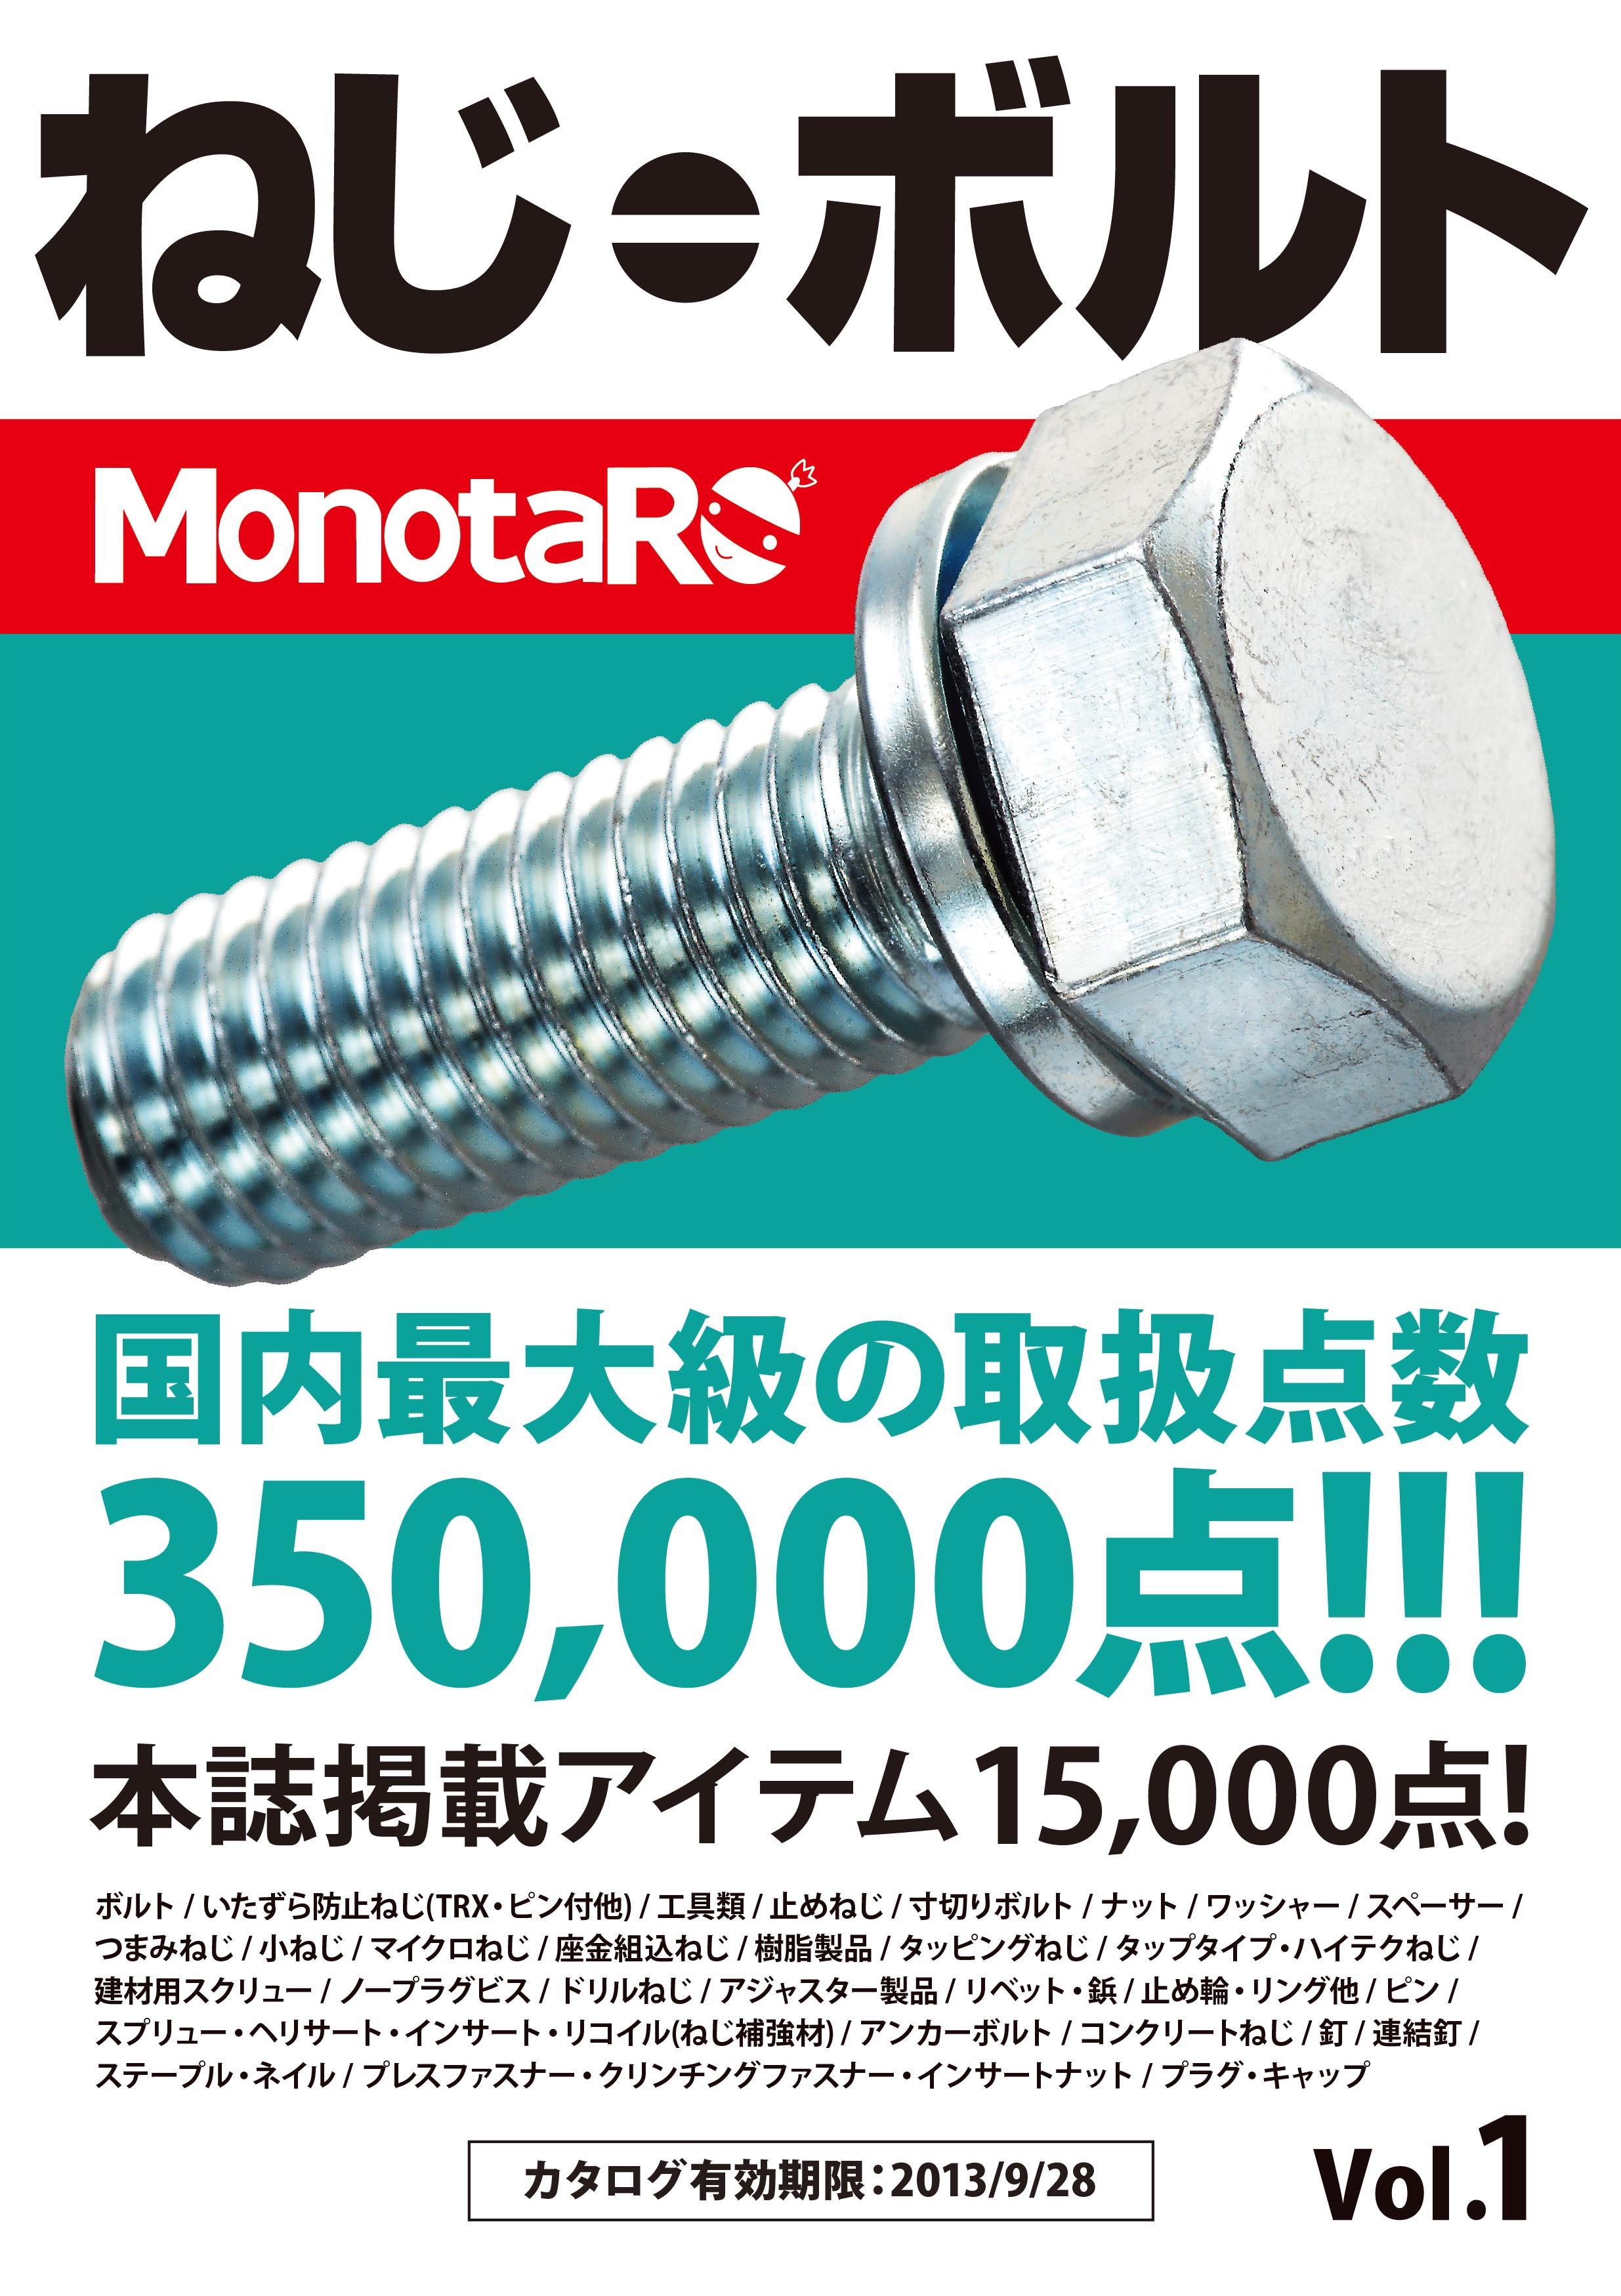 「工場で使える便利な通販」MonotaRO.com MonotaRO、ねじ・ボルトカタログ Vol.1を創刊 ~国内最大級350,000点の取扱い商品の中から厳選された15,000点を掲載~